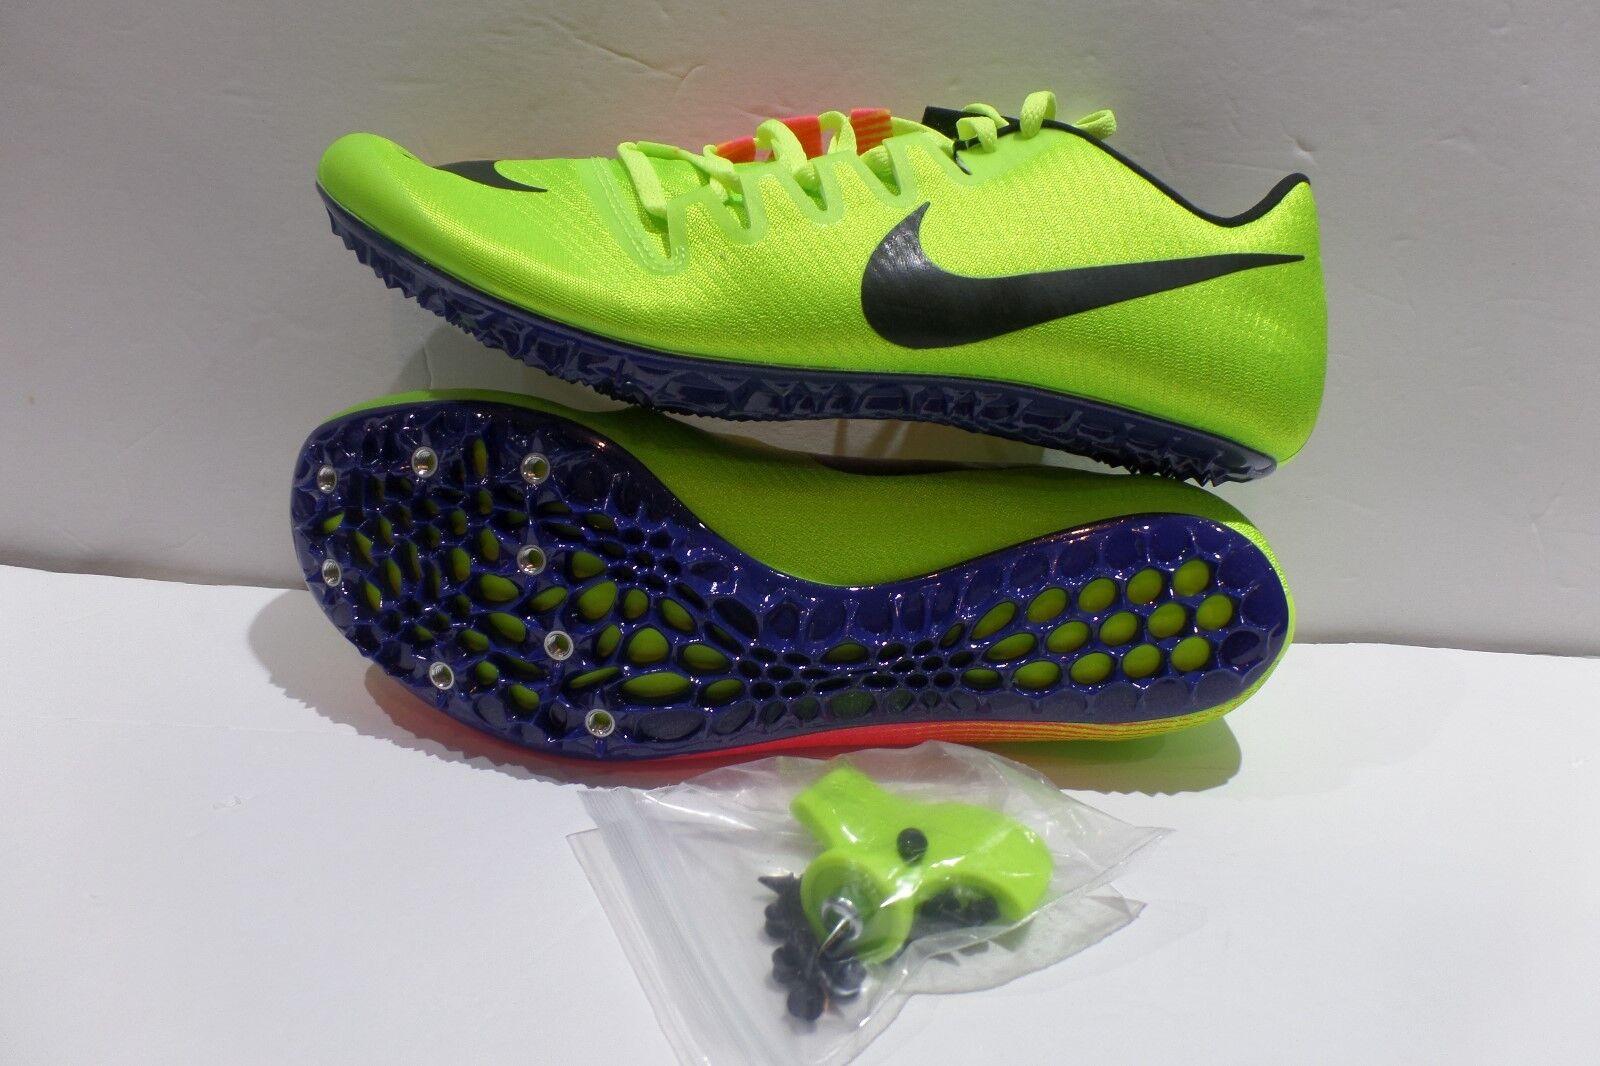 Nike zoom - fliegen, 3. rio leichtathletik - spikes männer größe 11 882032-999  neu